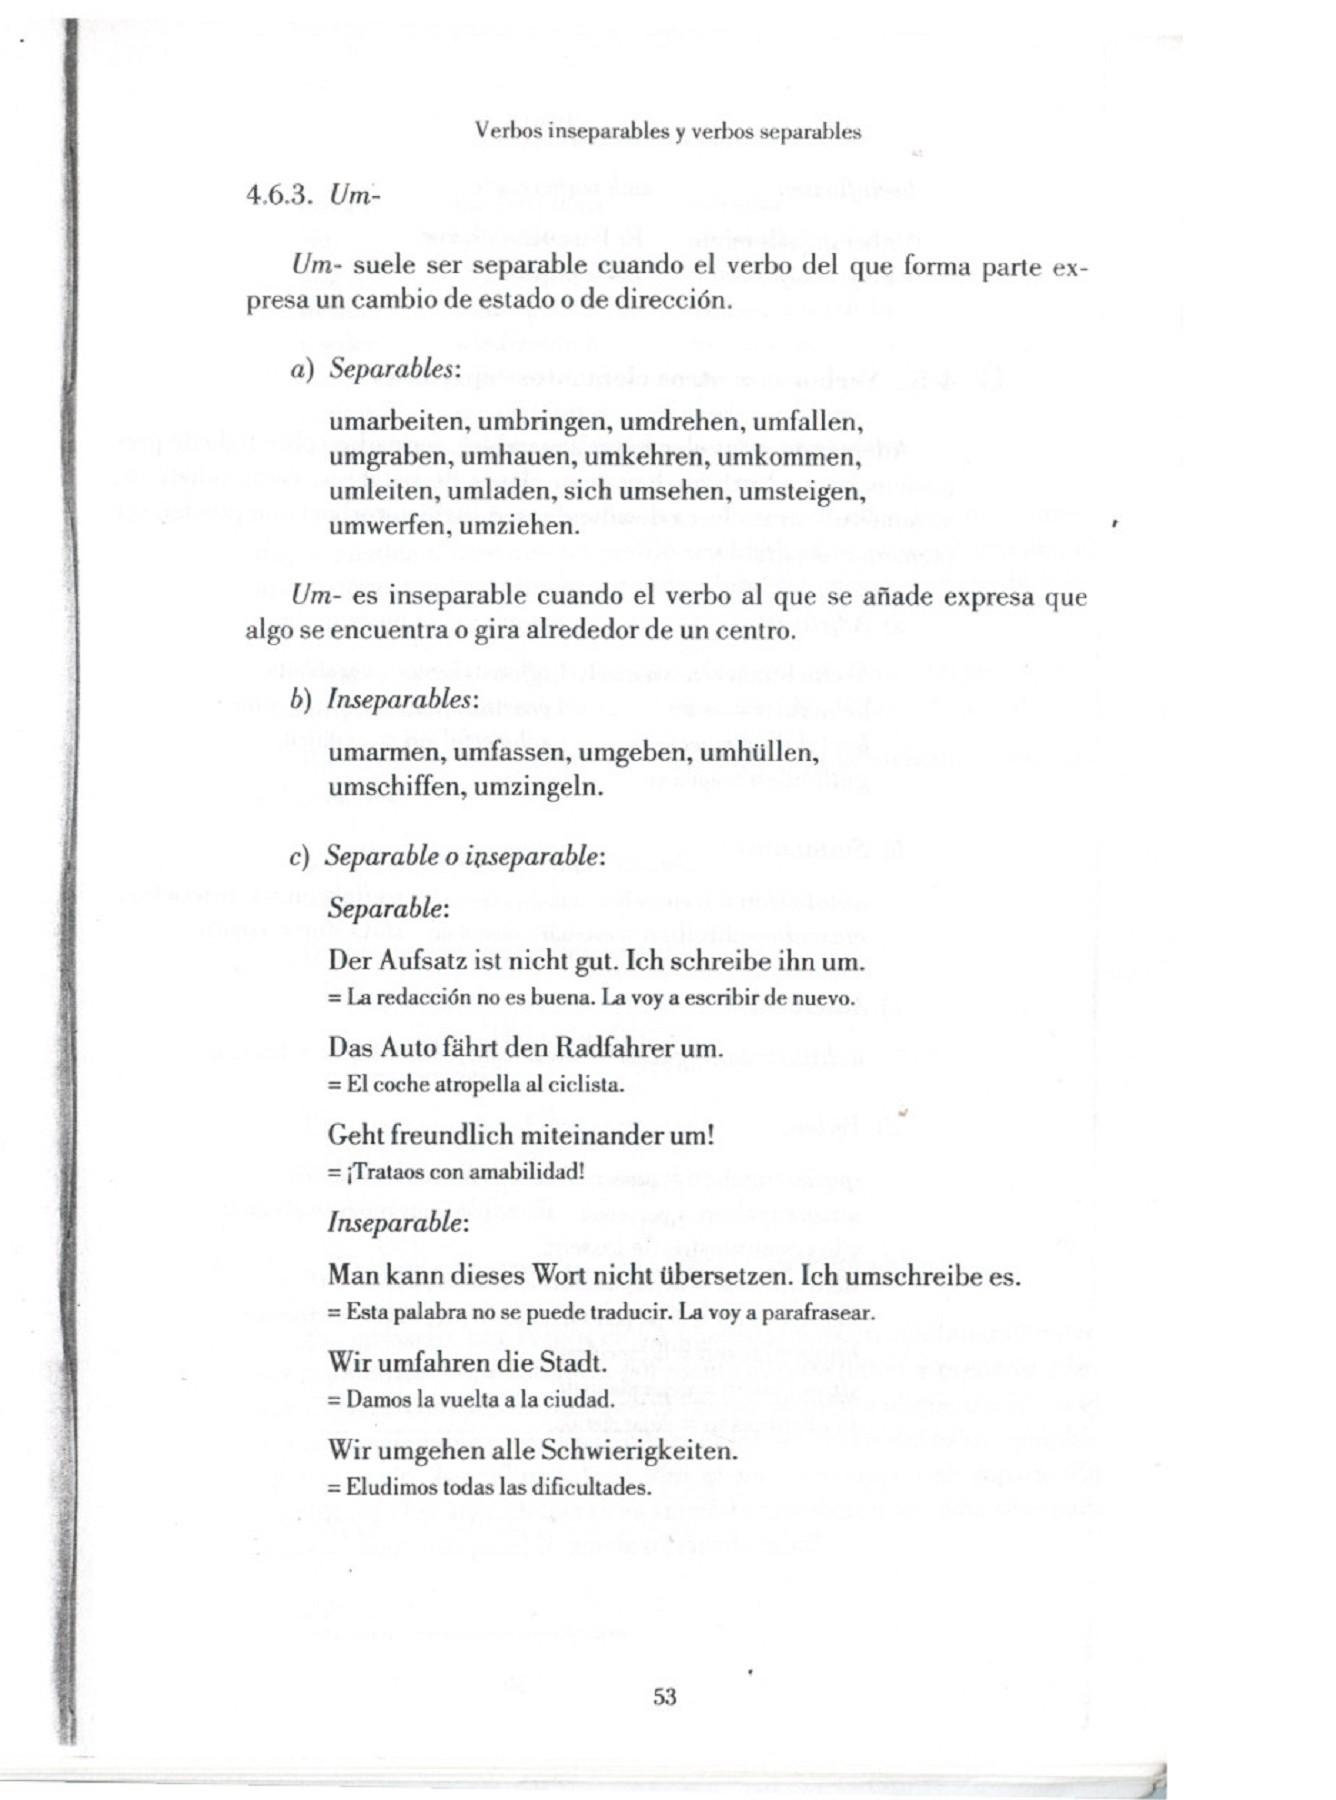 Conjugación kennenlernen | Conjugar verbo kennenlernen alemán | Conjugador Reverso